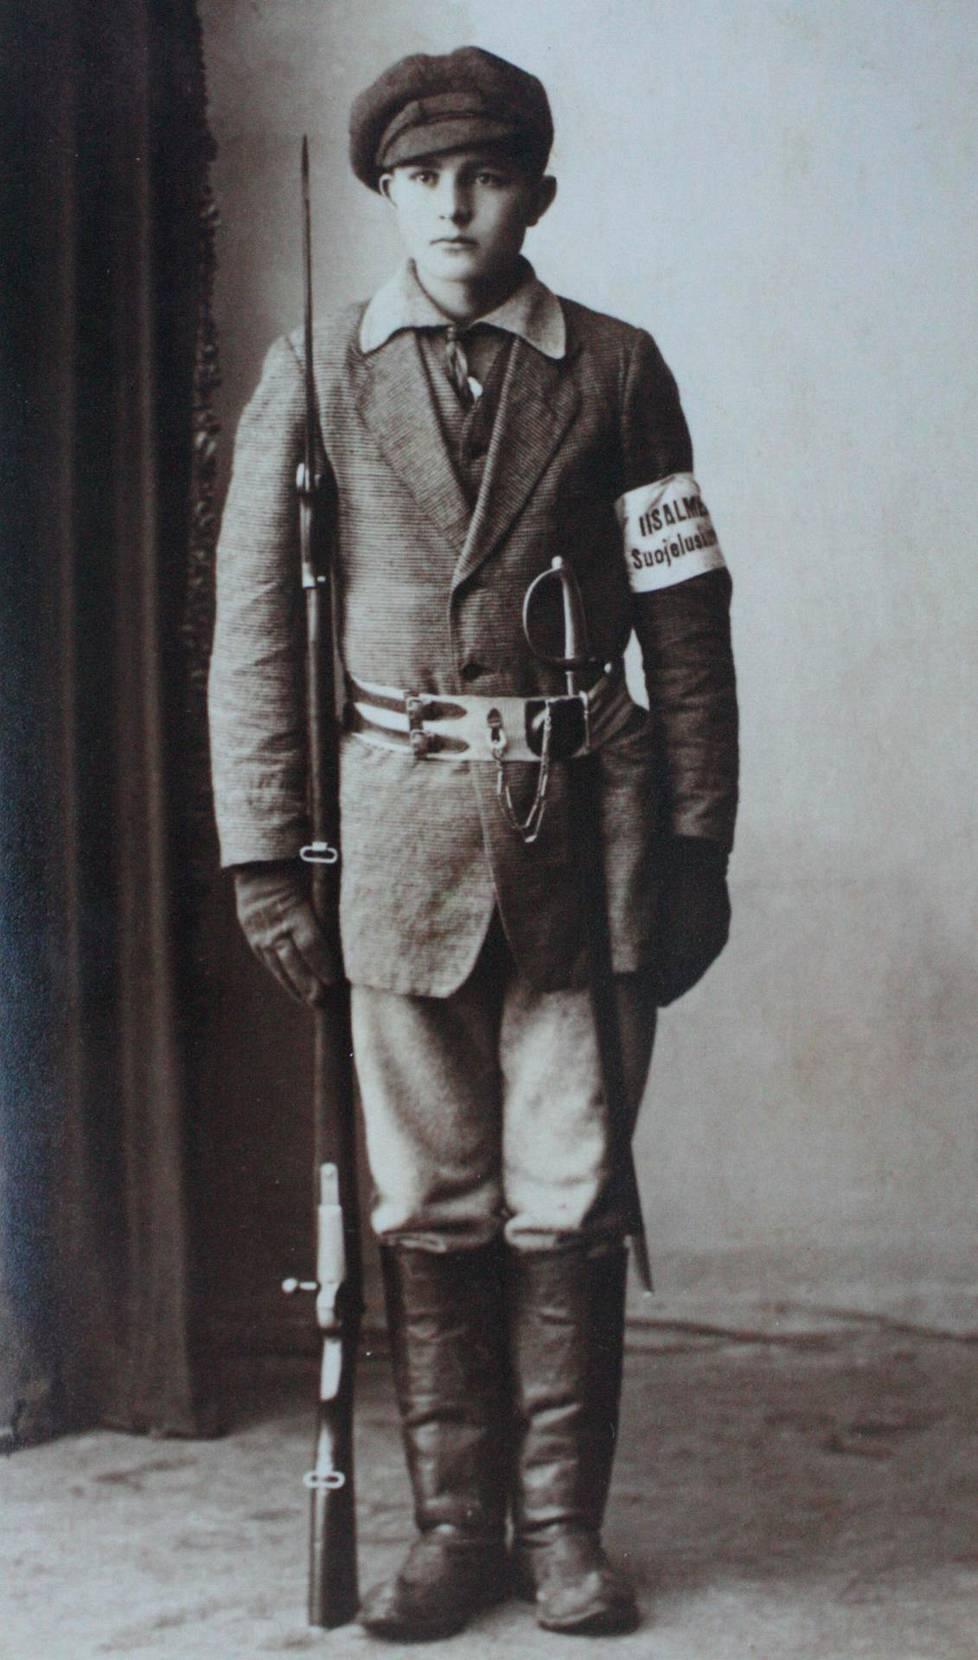 Suojeluskuntalainen Joonas Korolainen lähti sisällissotaan Ritoniemen tilalta Iisalmessa.